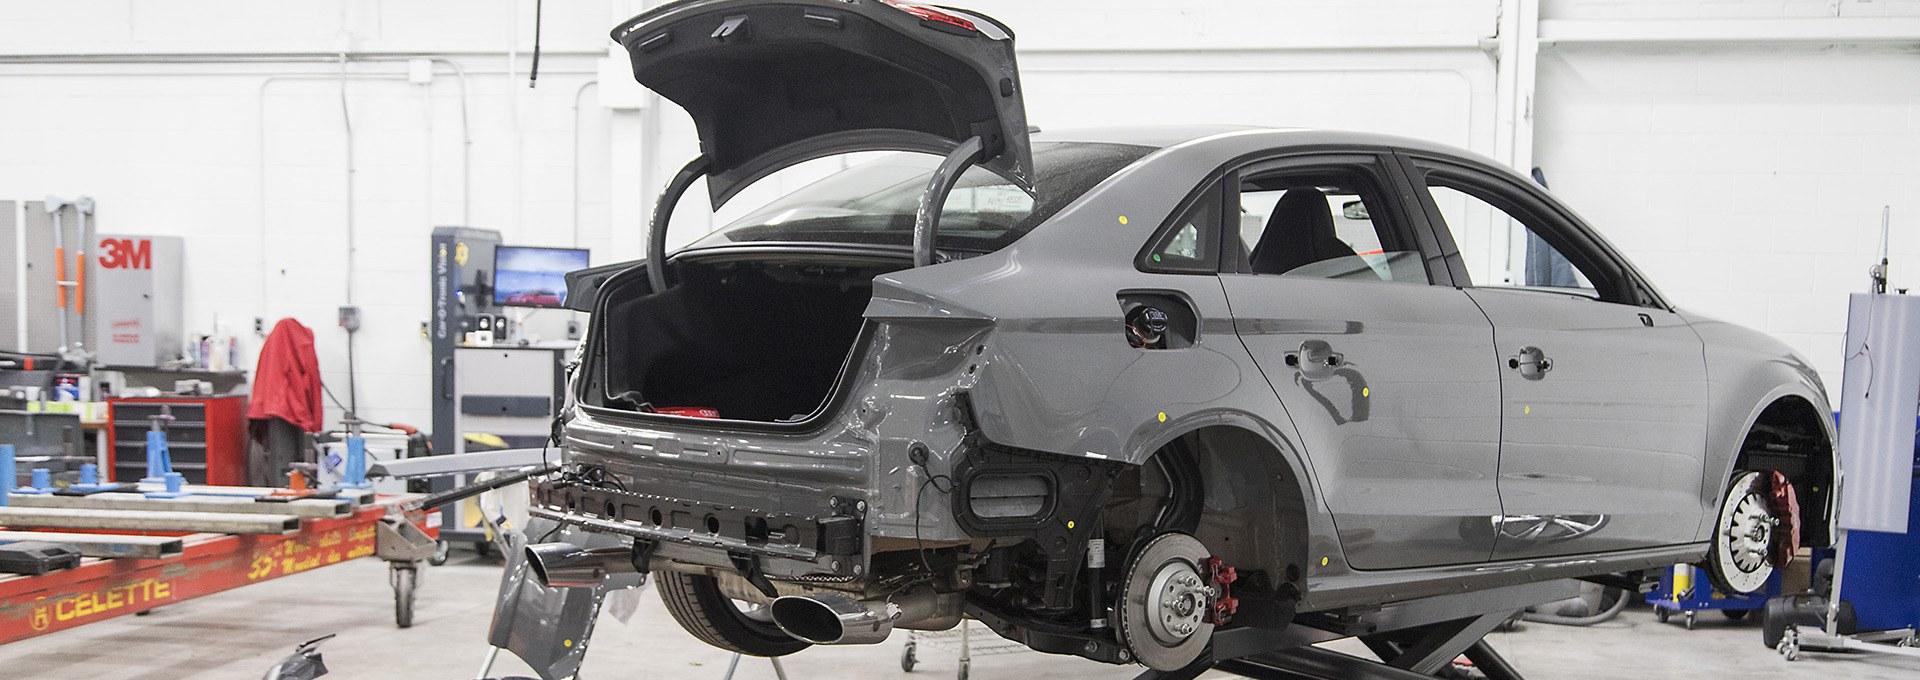 audi authorized collision repair centre